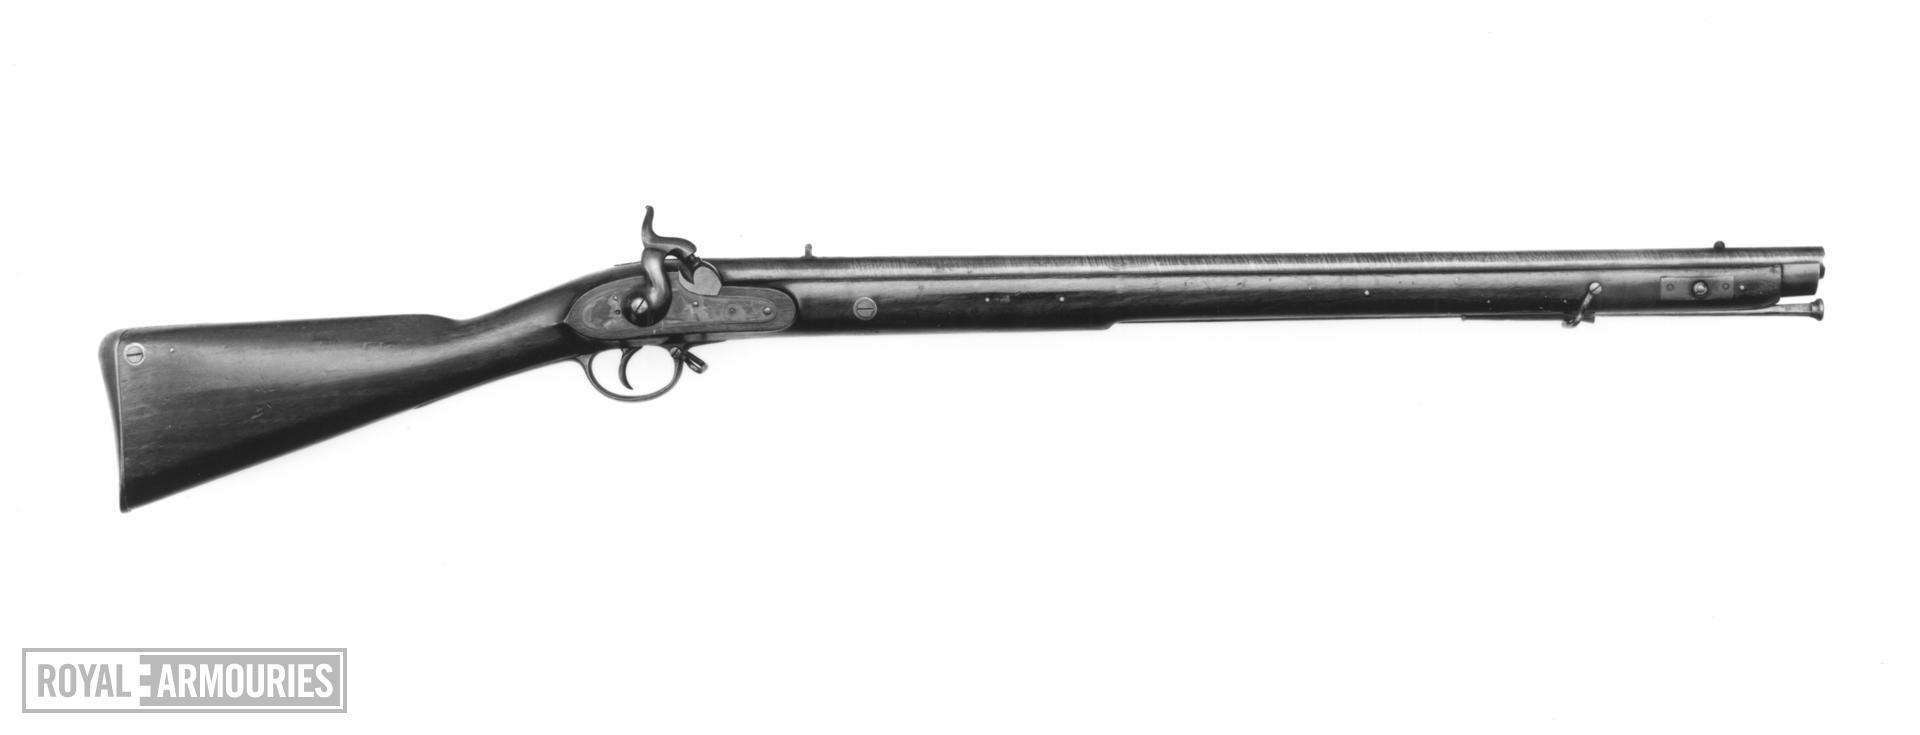 Percussion muzzle-loading military rifle - Brunswick rifle